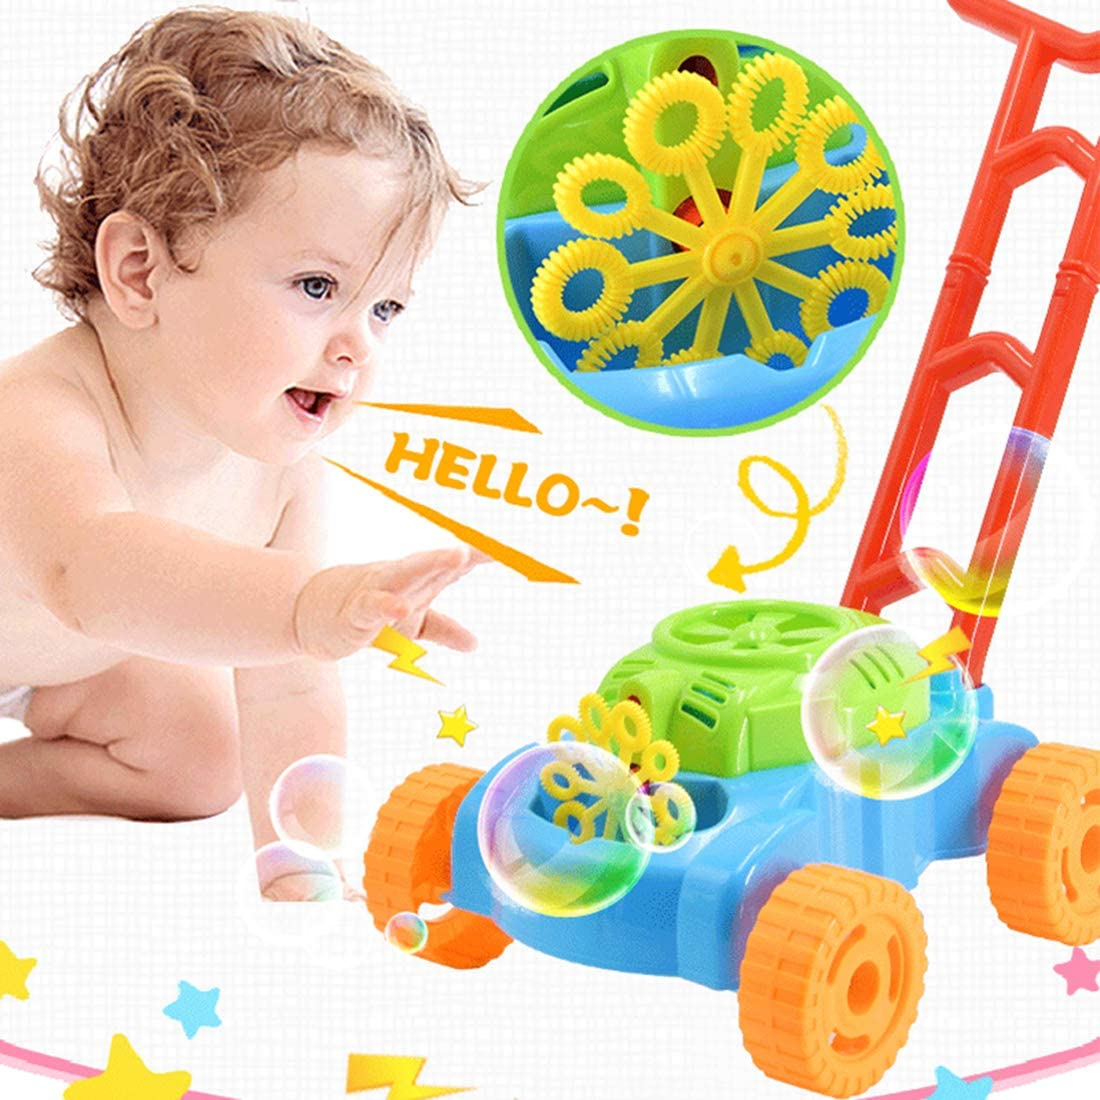 Sunshine smile Maquina de Burbujas, Máquina Burbujas Cortacésped, Juguete Burbujas Jardin niños, Portátil Máquina de Burbujas, Juguete Burbujas automática Cortacésped (Azul y Naranja)